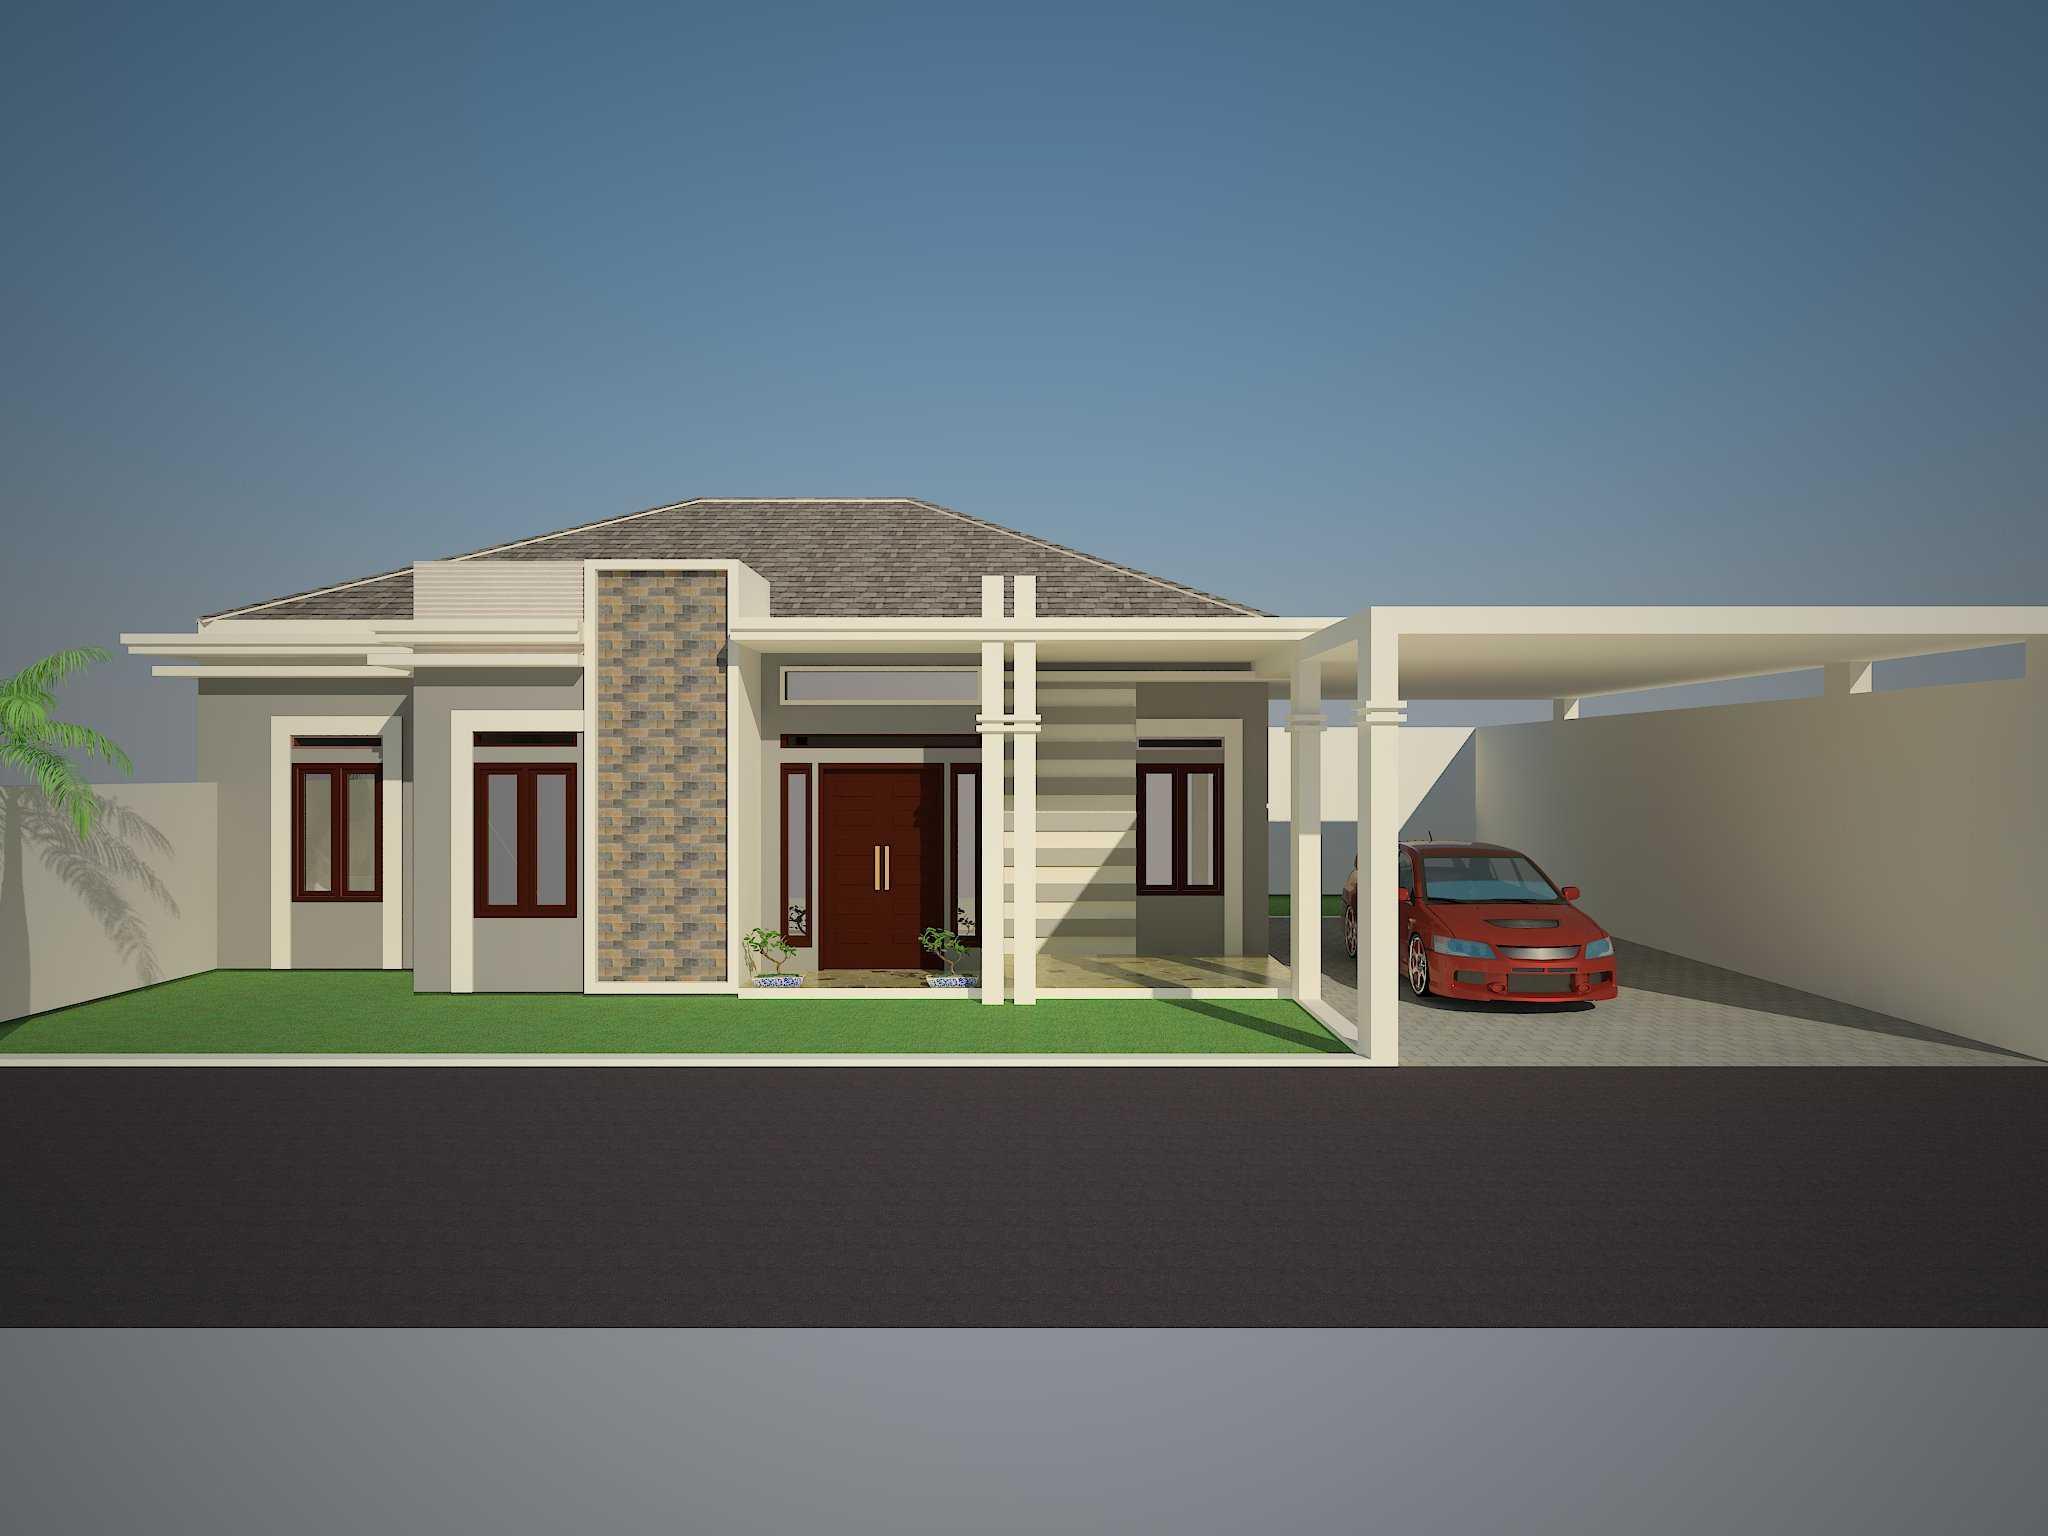 Aditia Purnomo Desain Rumah Minimalis Lampung, Indonesia Lampung, Indonesia Aditia-Purnomo-Desain-Rumah-Minimalis   61313